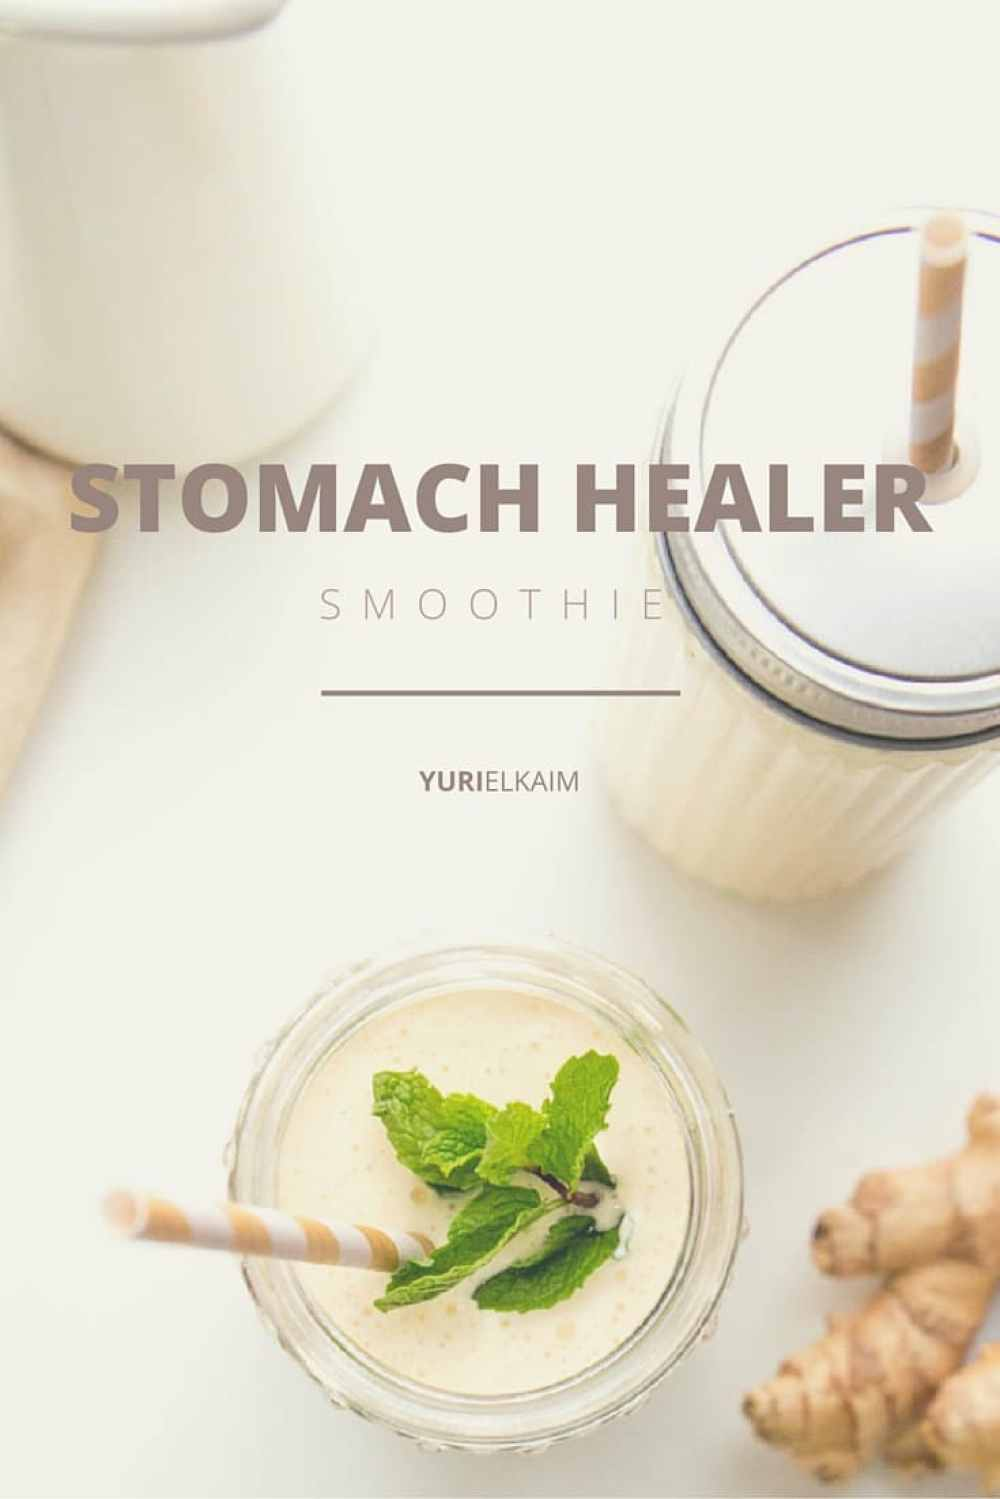 Gut Health - Stomach Healer Smoothie